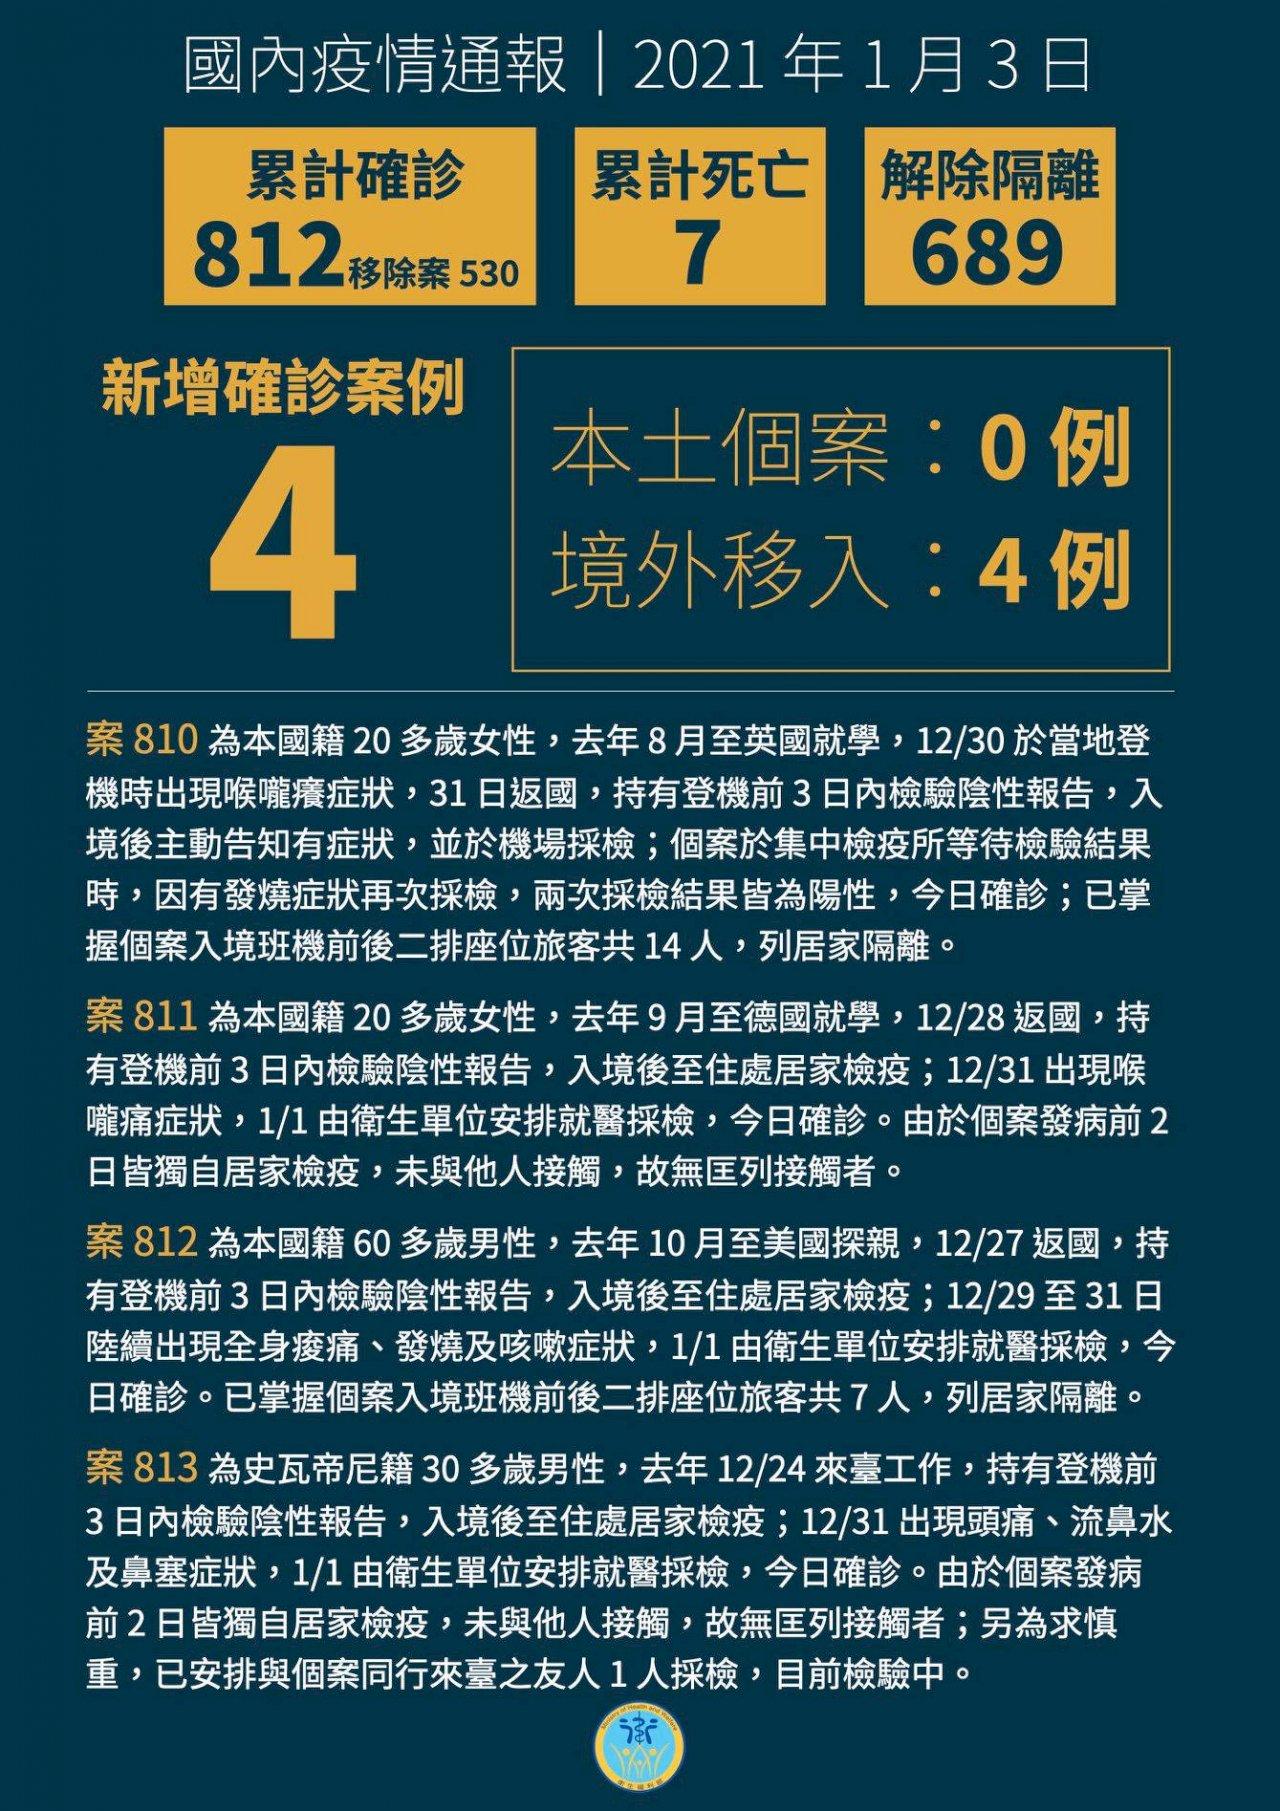 台灣3日再新增4例境外移入 來自英德美及史瓦帝尼